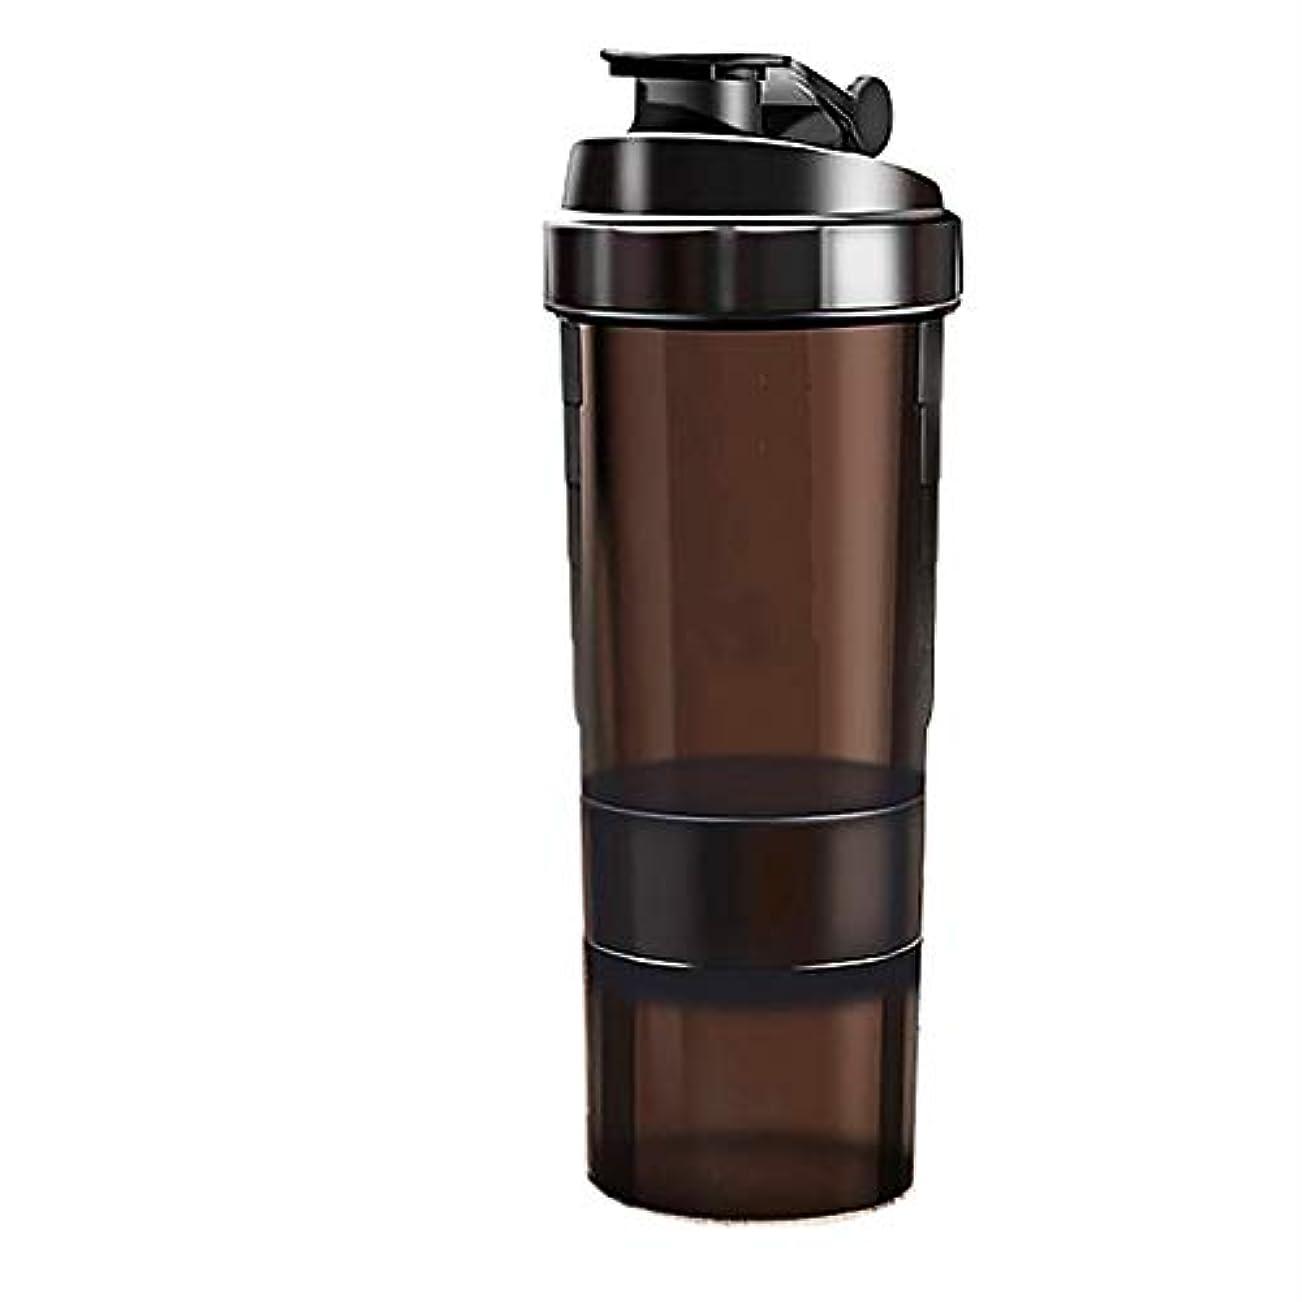 引退する名前を作るの面ではミルクセーキ シェイクカップフ[ 最新デザイン ] 多層タンパク質粉末 シェイクカップフ ィット ネススポーツウォーターボトル 旋風やかんミルク スケールティーカップ(ブラック)